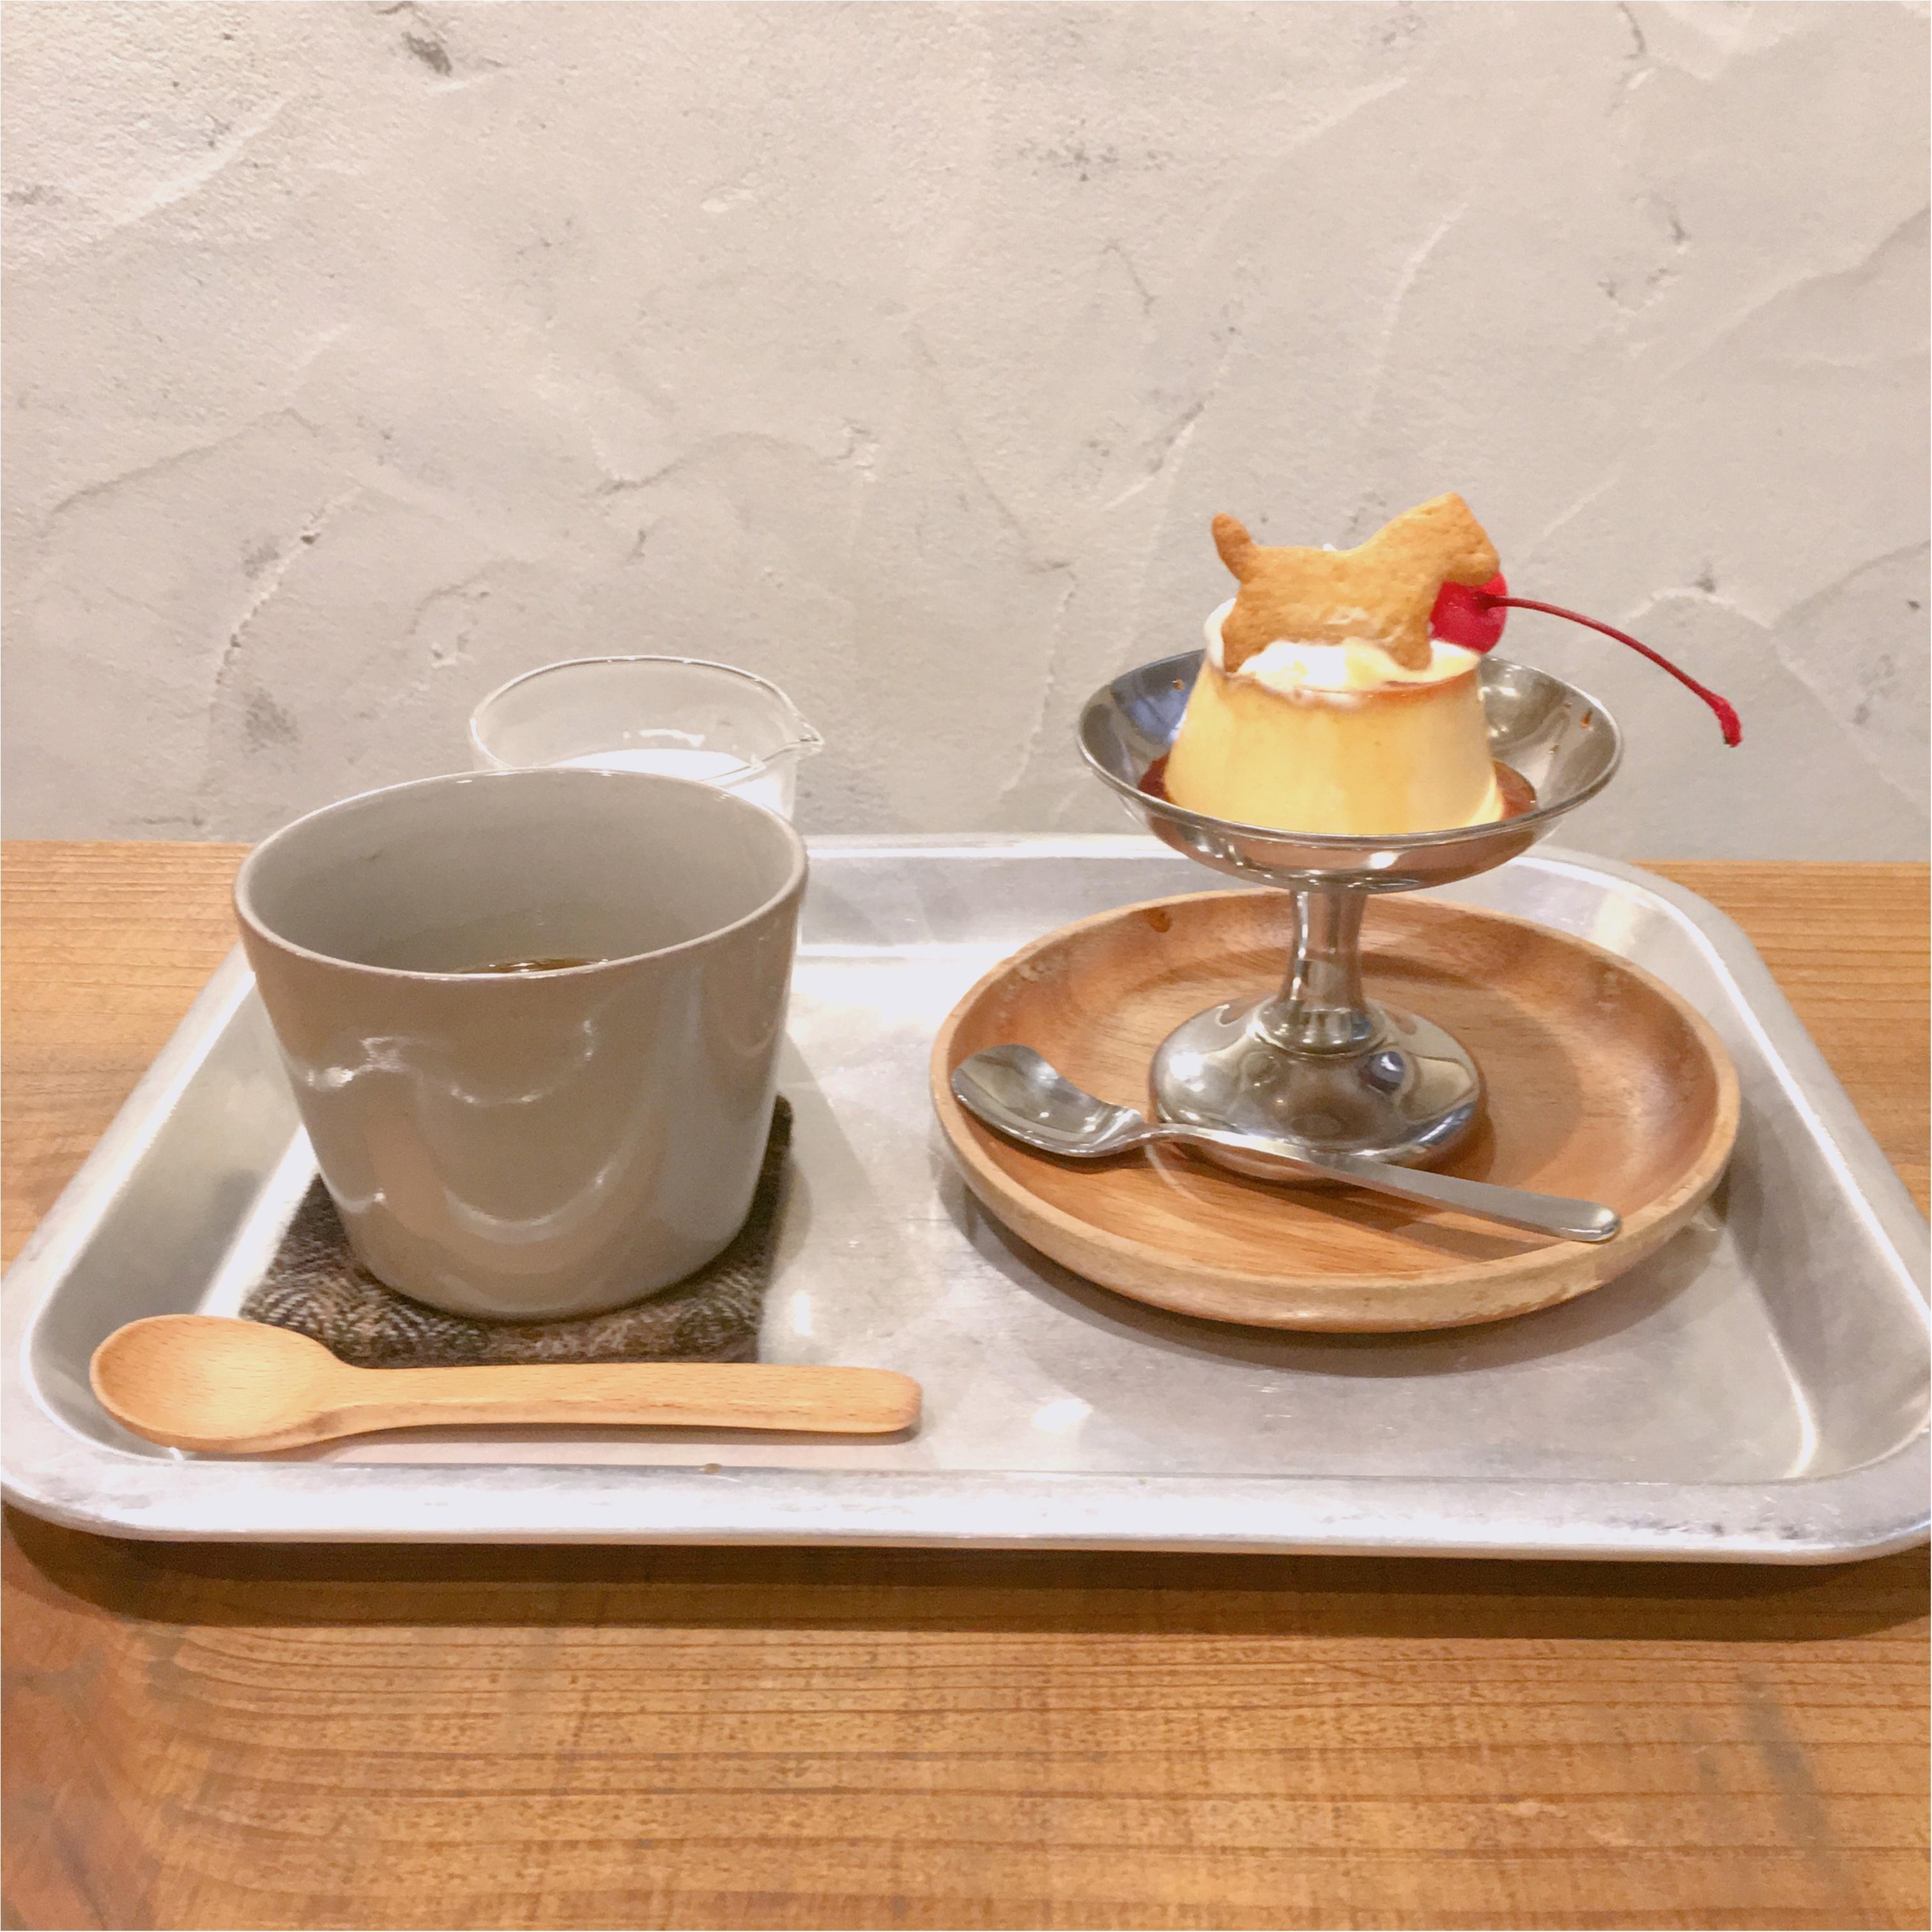 おすすめの喫茶店・カフェ特集 - 東京のレトロな喫茶店4選など、全国のフォトジェニックなカフェまとめ_31